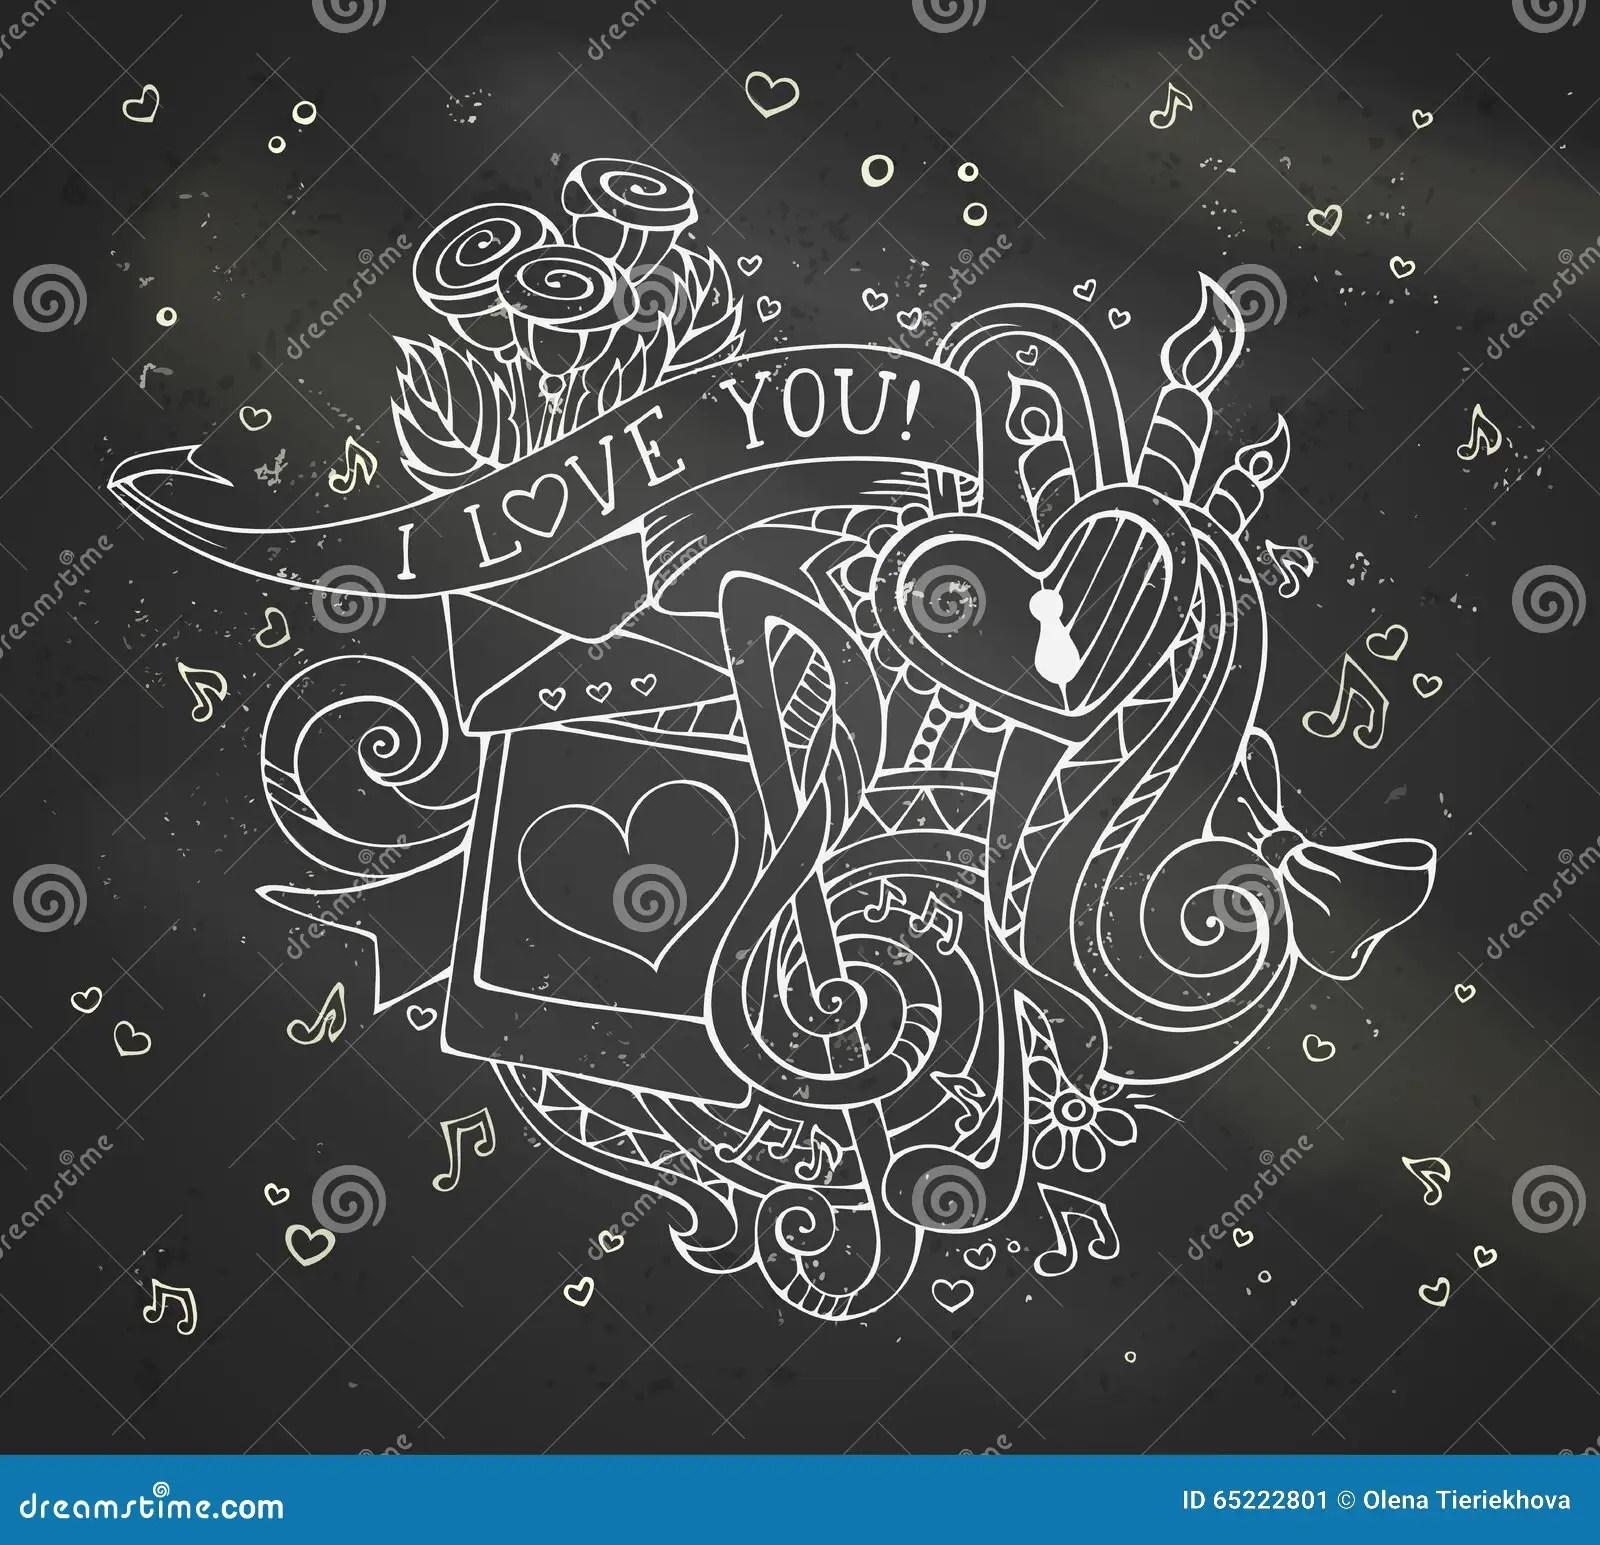 Chalk I Love You Doodles Illustration On Blackboard